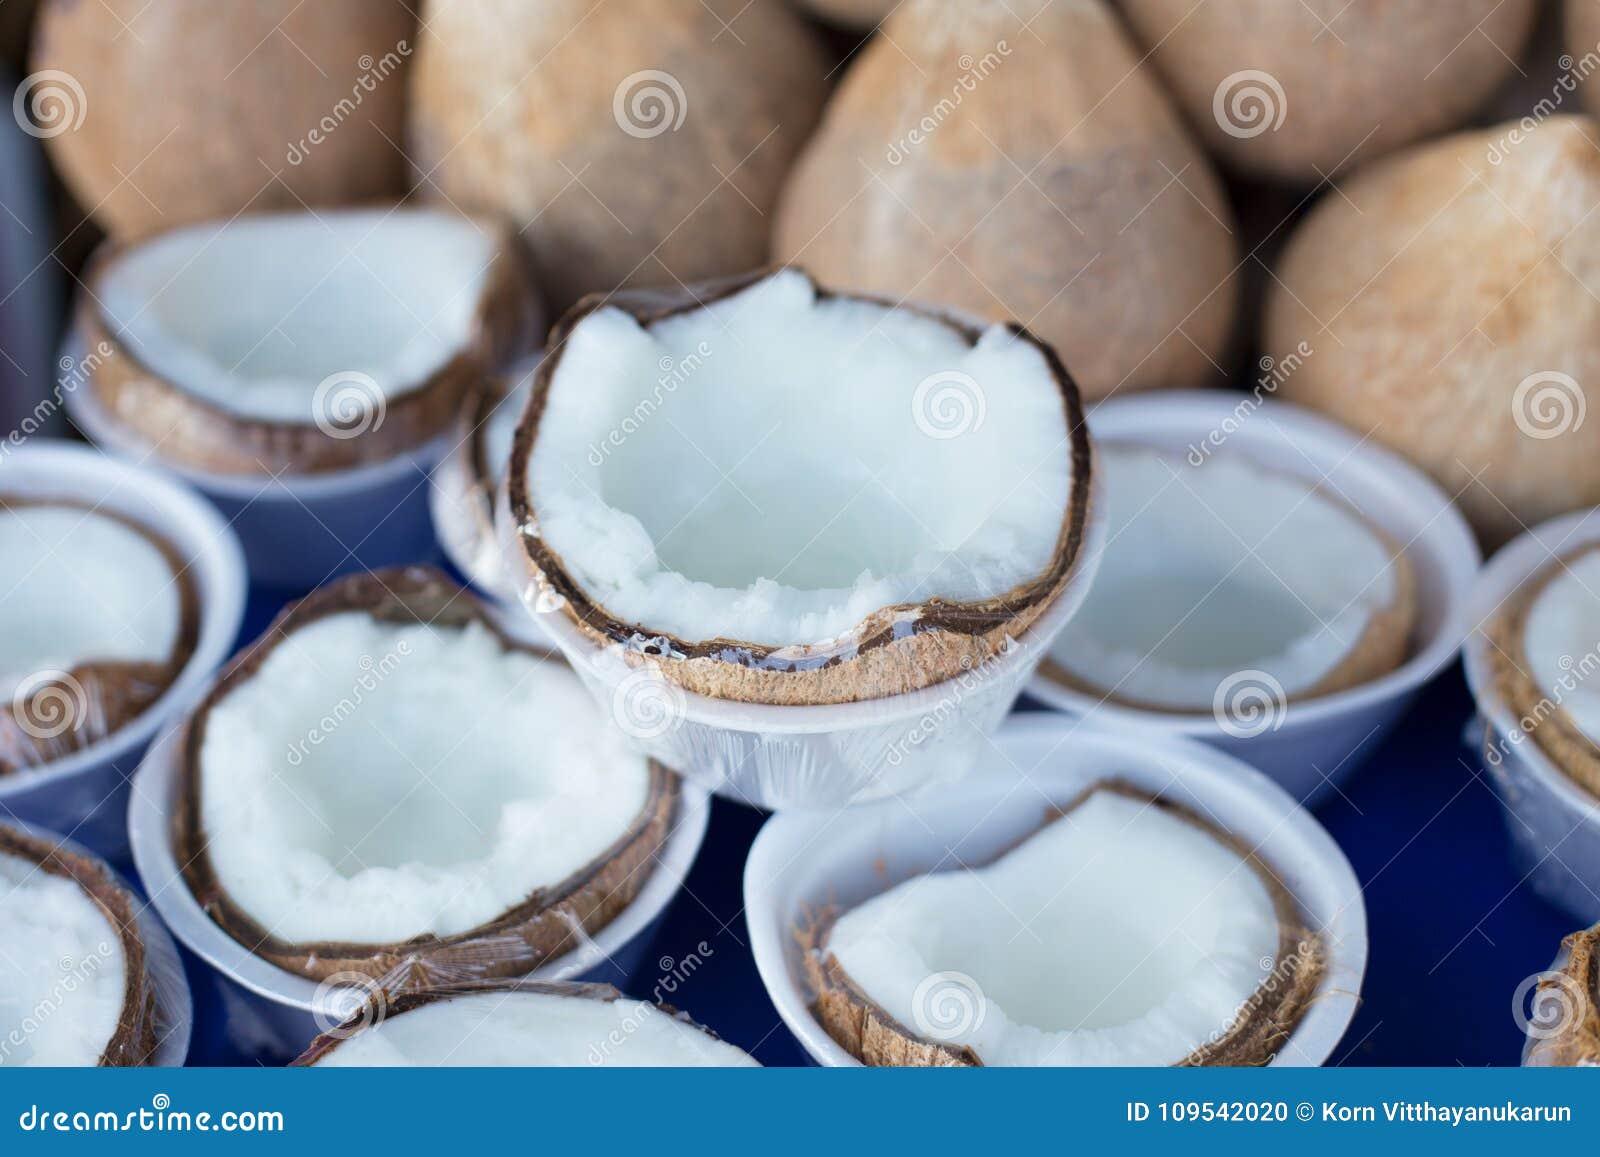 Ruw dik kokosvlees goed gezond voedsel